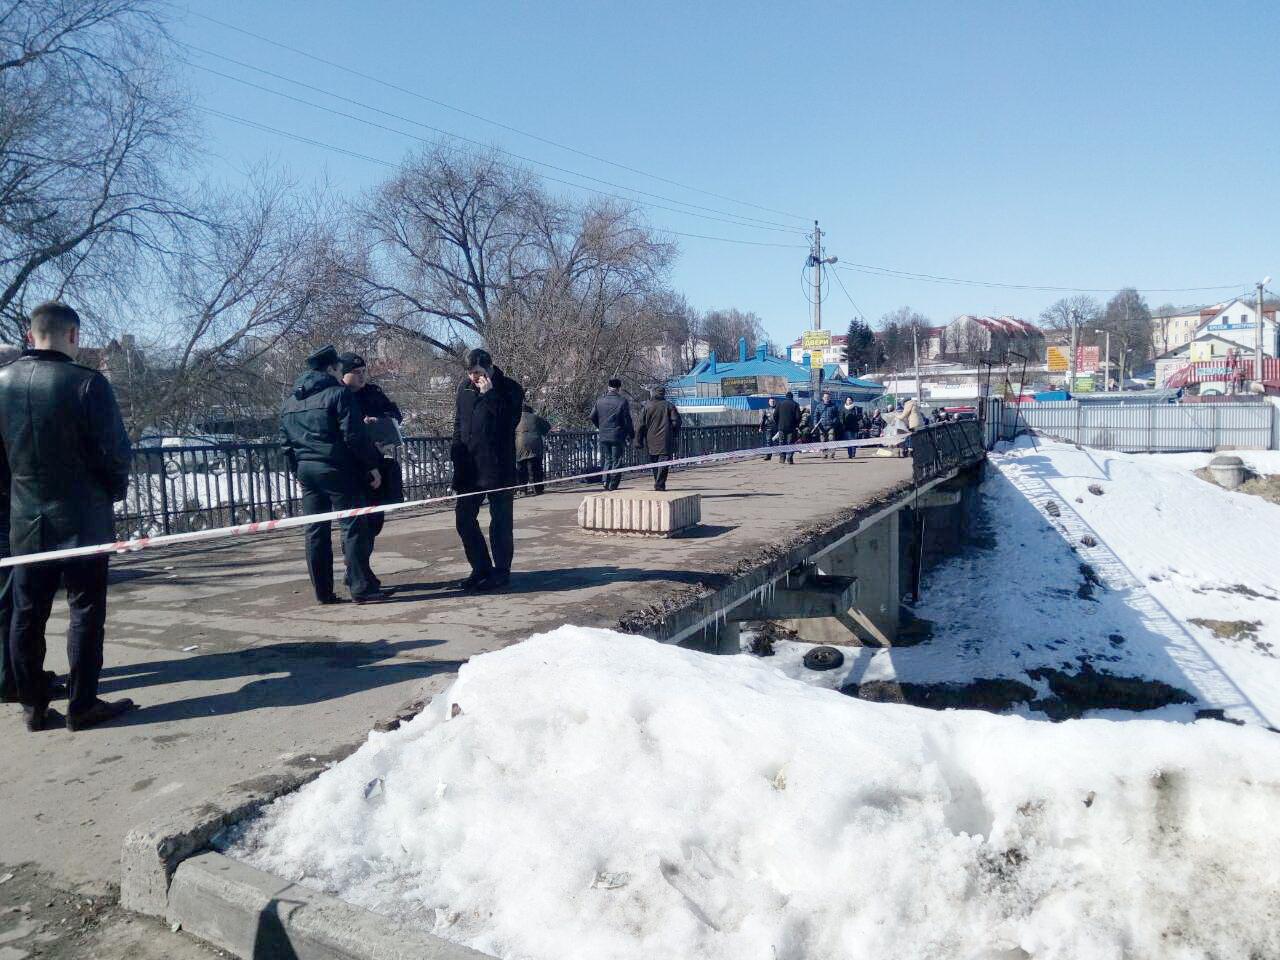 ВМогилеве рухнули перила пешеходного моста через реку